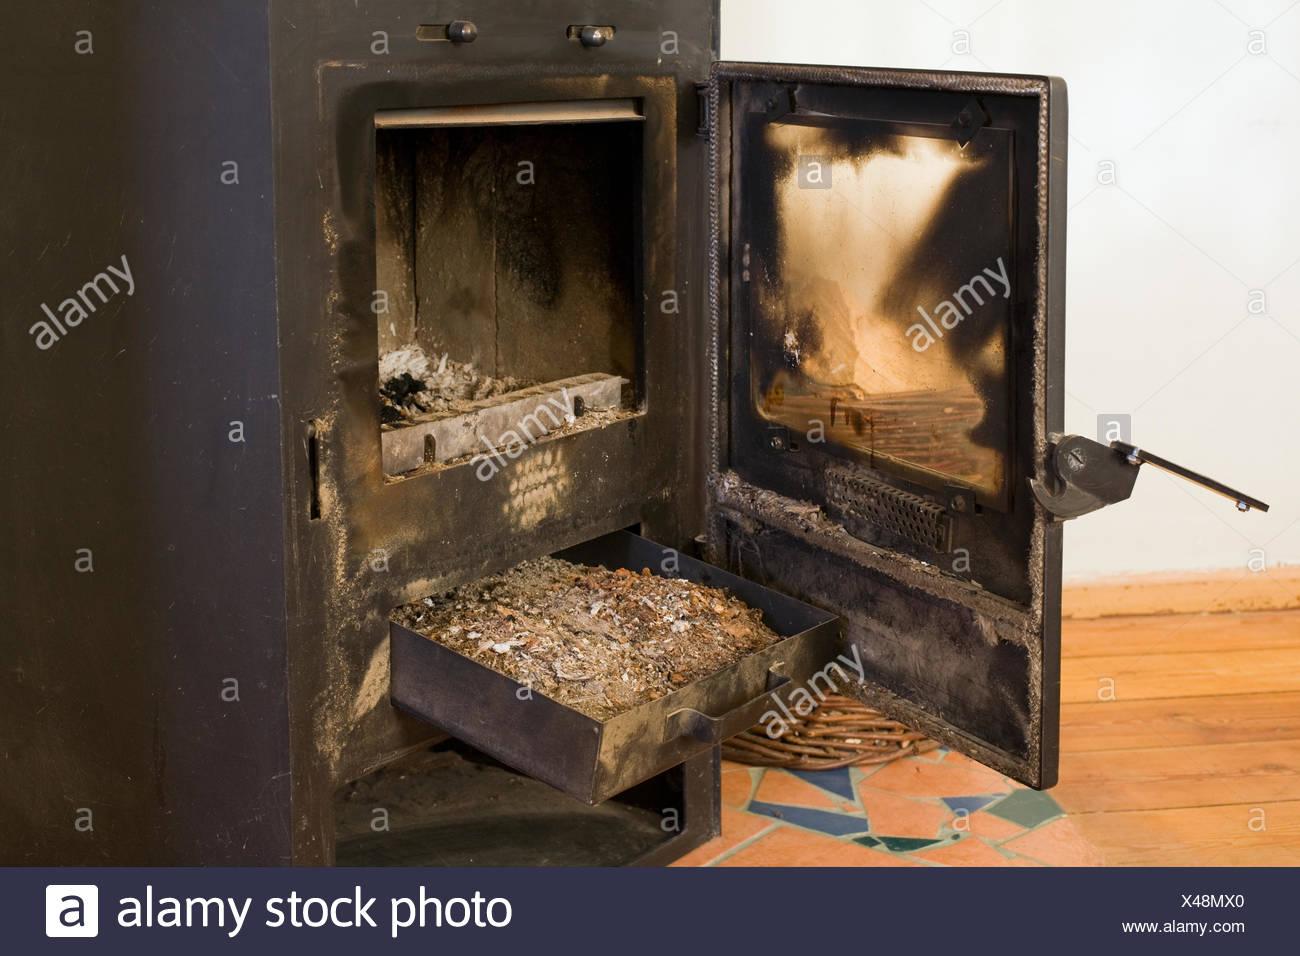 Asche Kaminofen Ofen Ofen Zimmer Wohnzimmer Alt Asche Feuer Stockfotografie Alamy